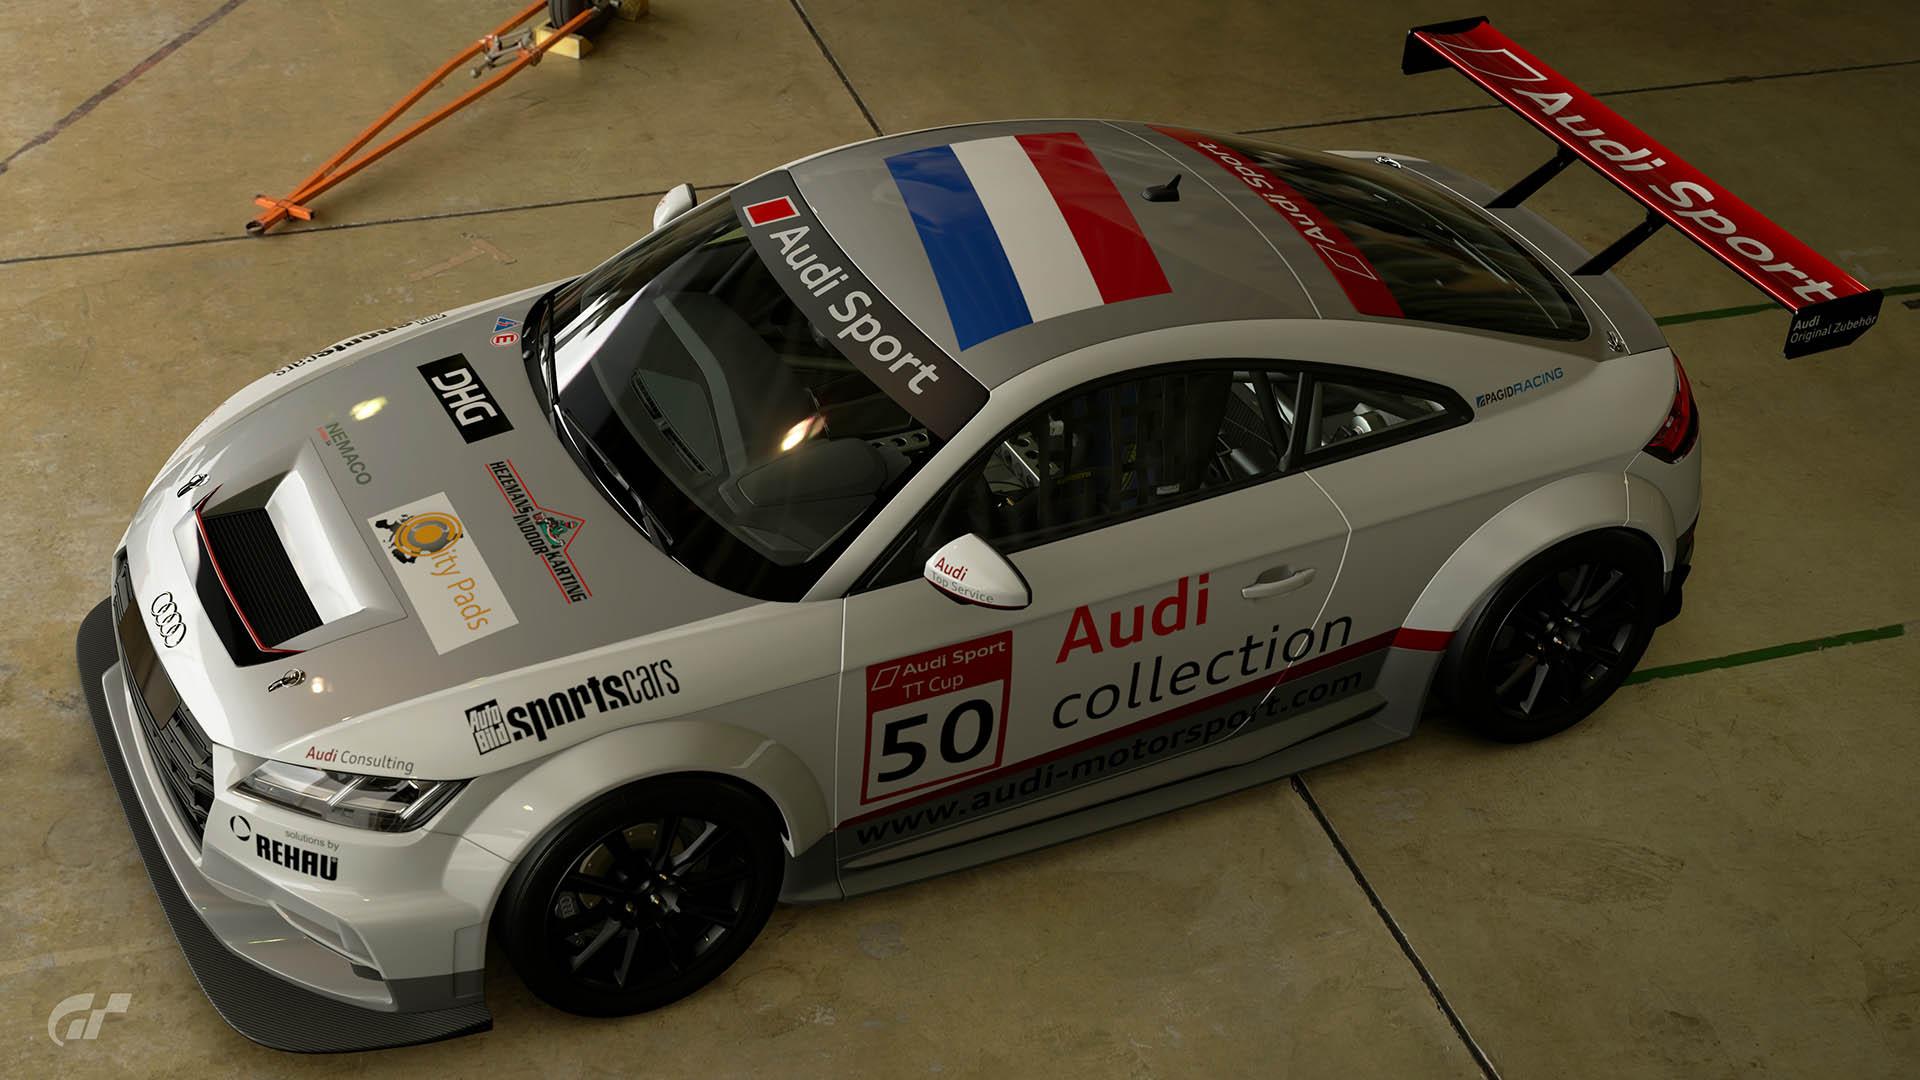 2015 Audi TT Cup #50 Loris Hezemans